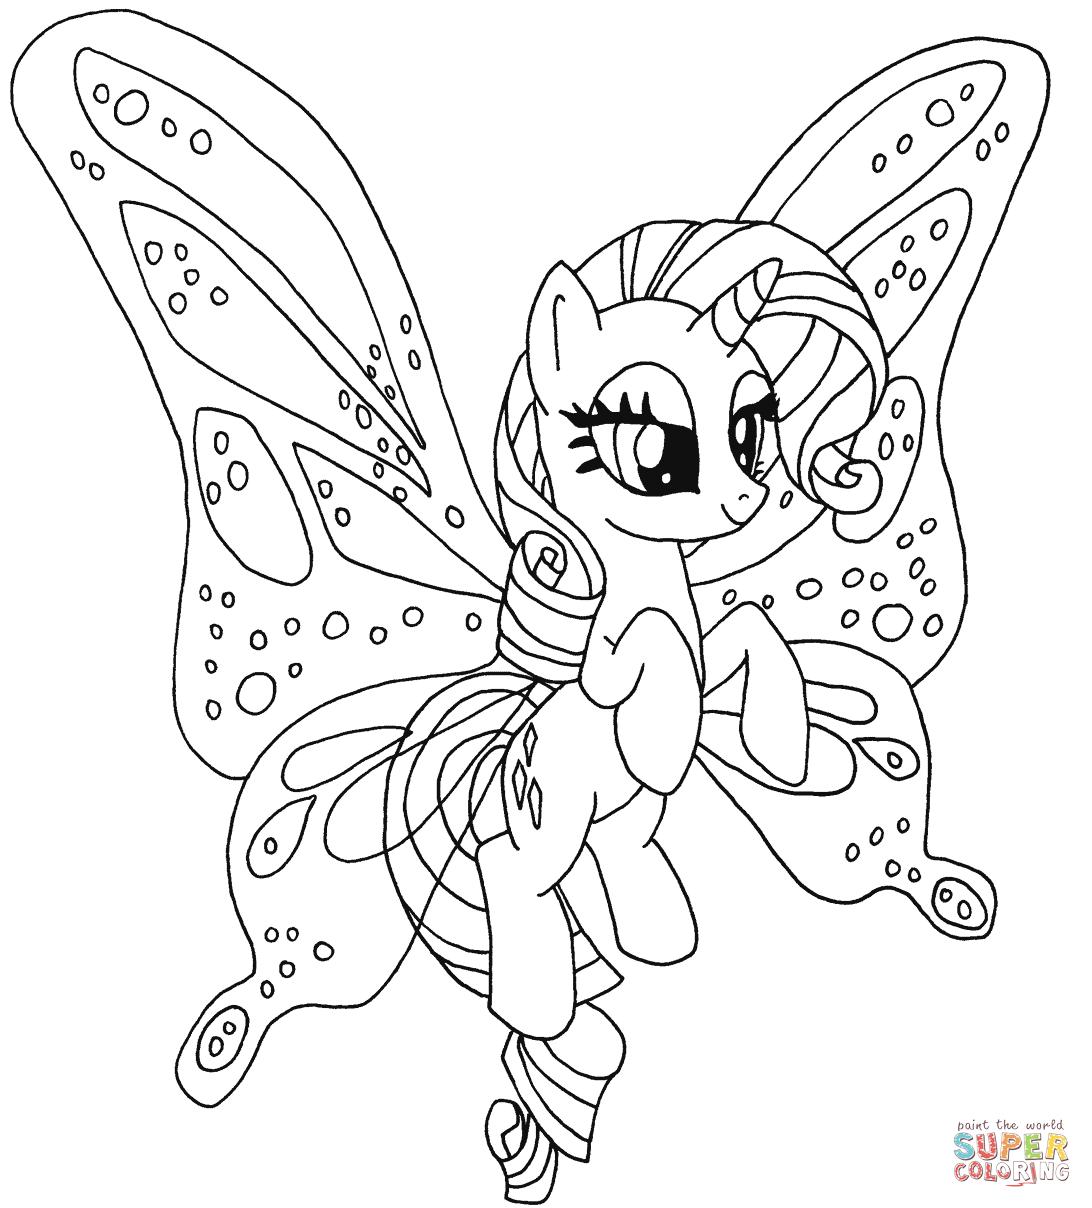 Ausmalbilder My Little Pony - Malvorlagen Kostenlos Zum innen My Little Pony Malvorlage